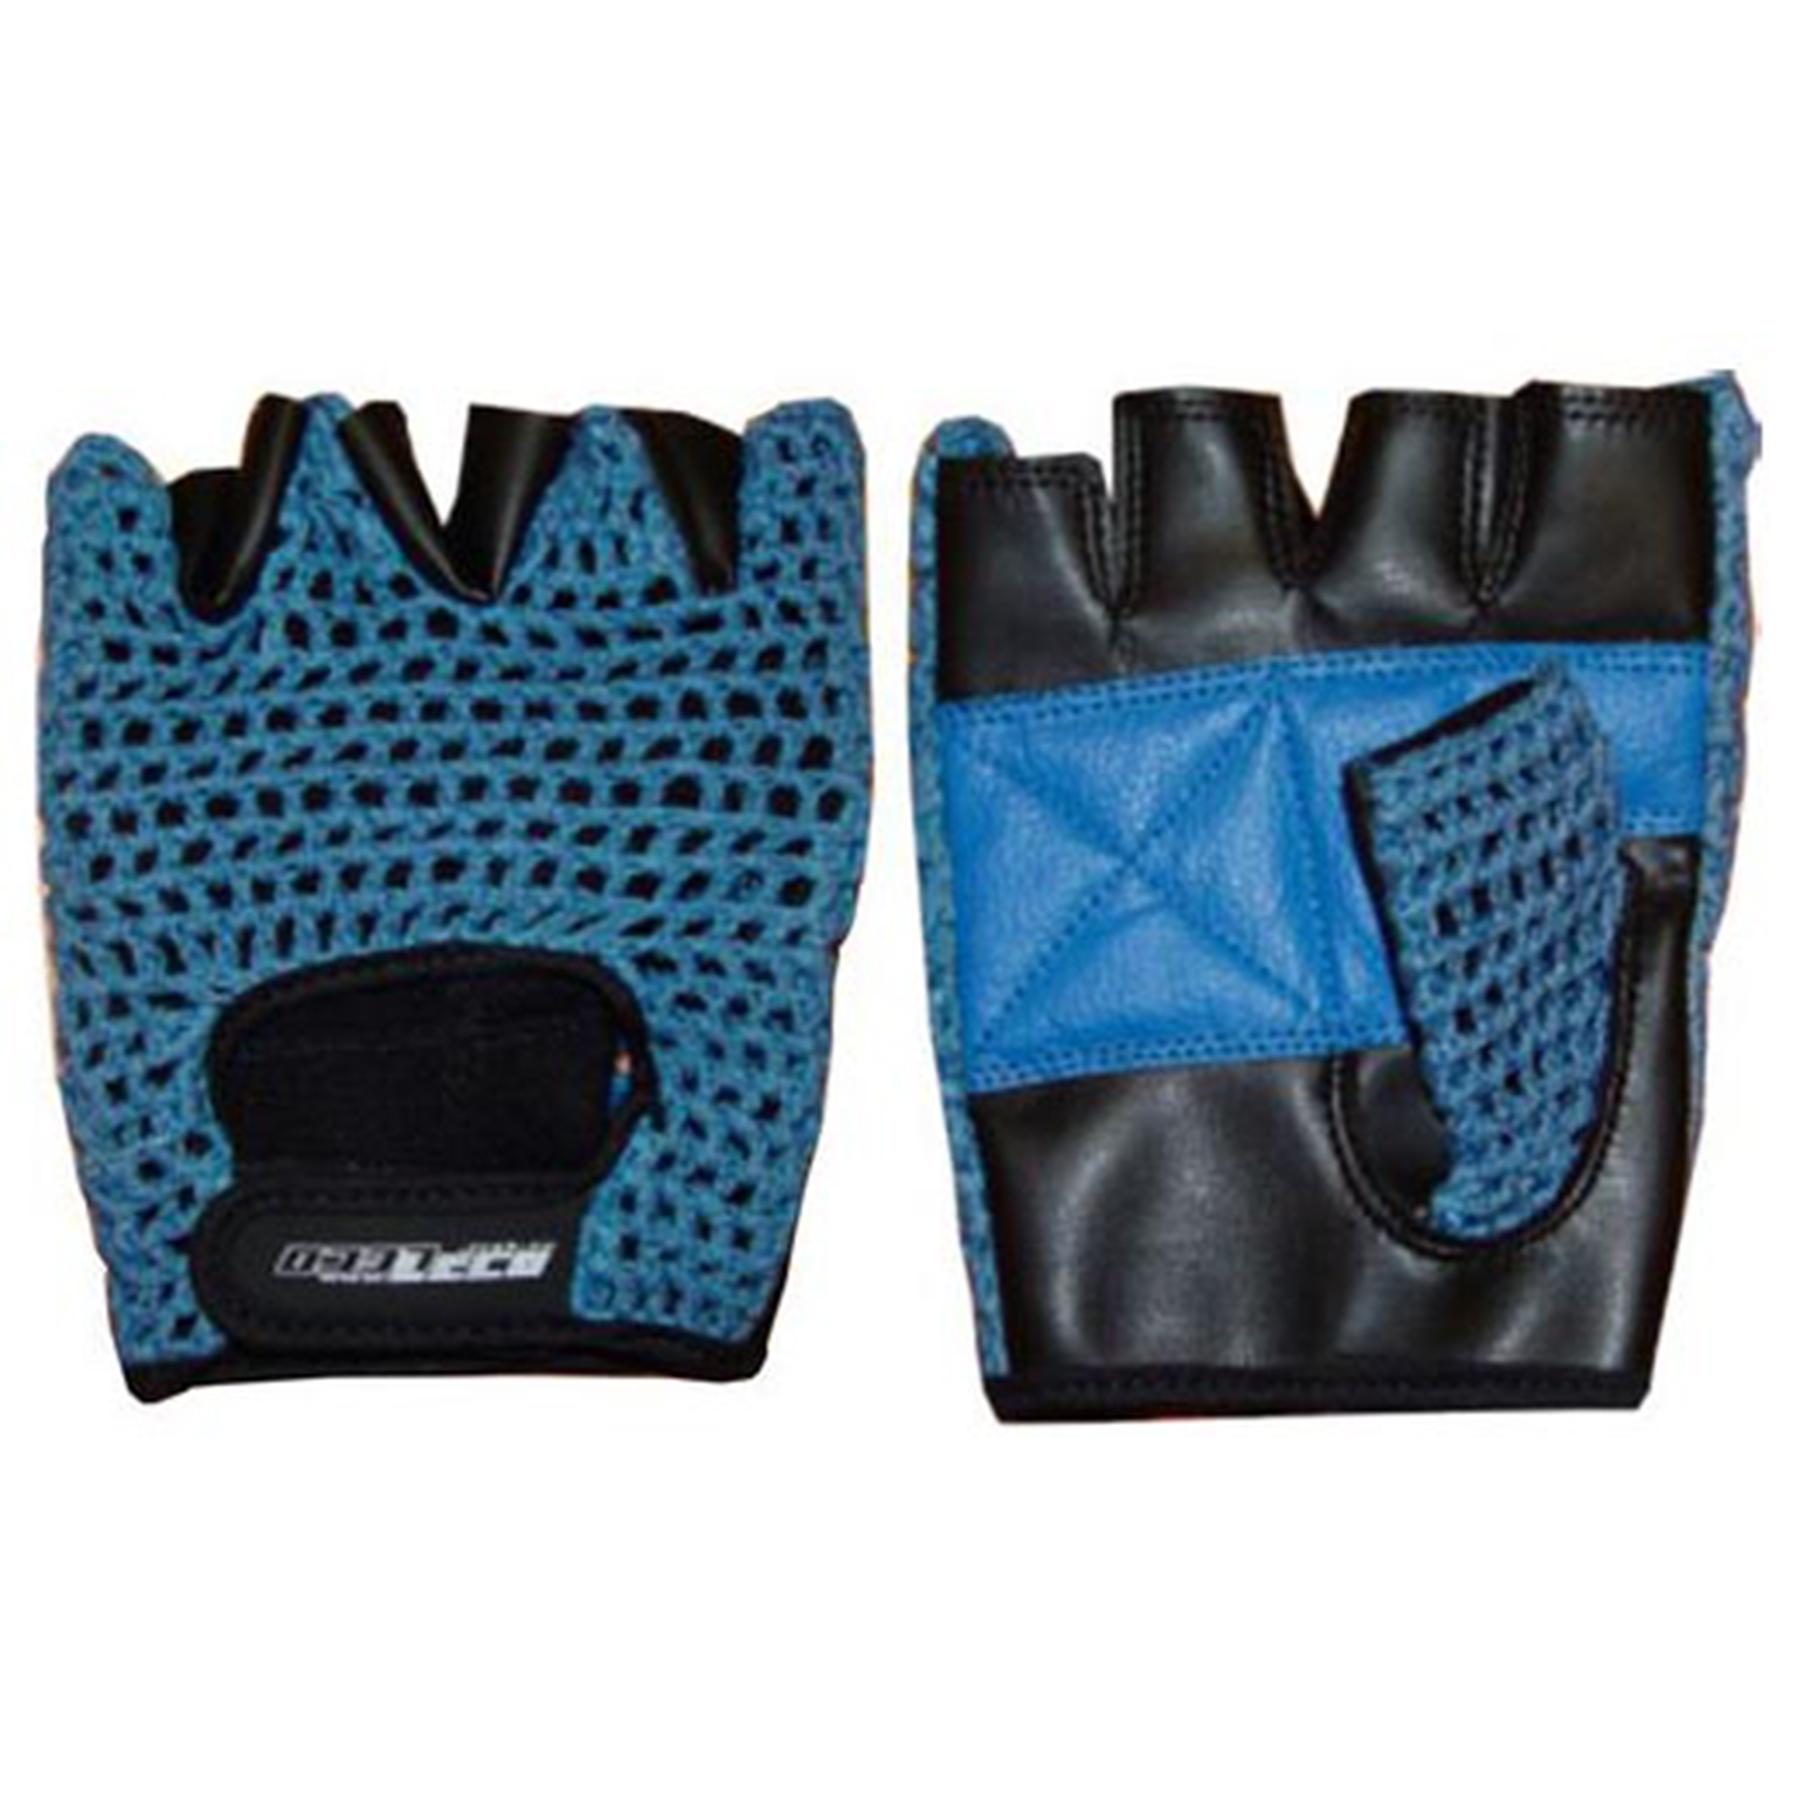 Перчатки для фитнеса и тяж.атлетики ПРО кожа/сеткар. S (т11125-1)